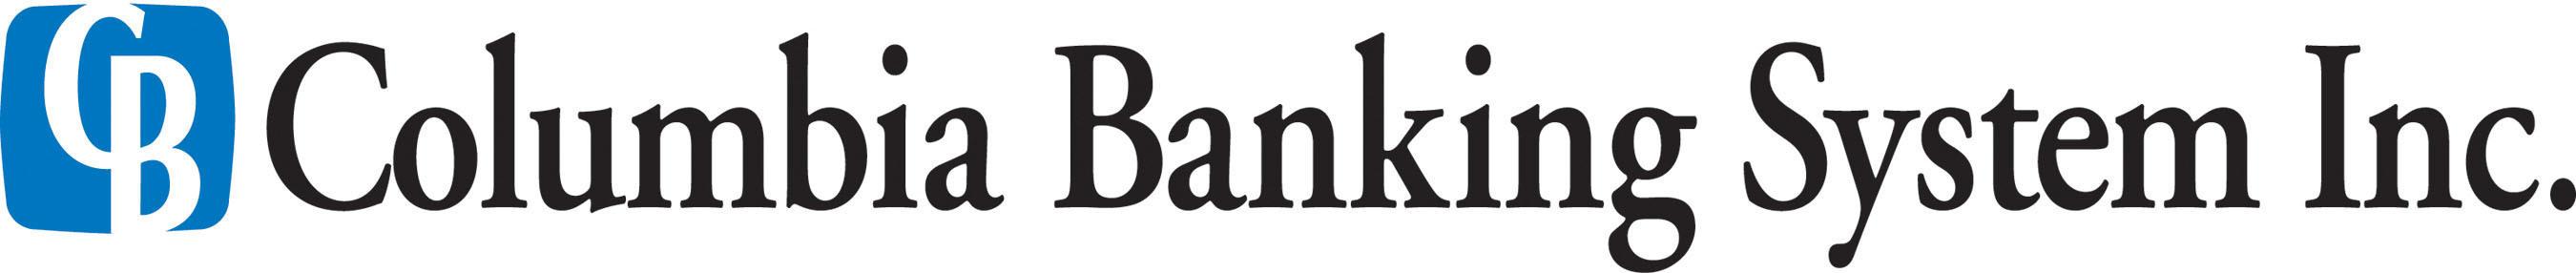 Columbia Banking System Logo.